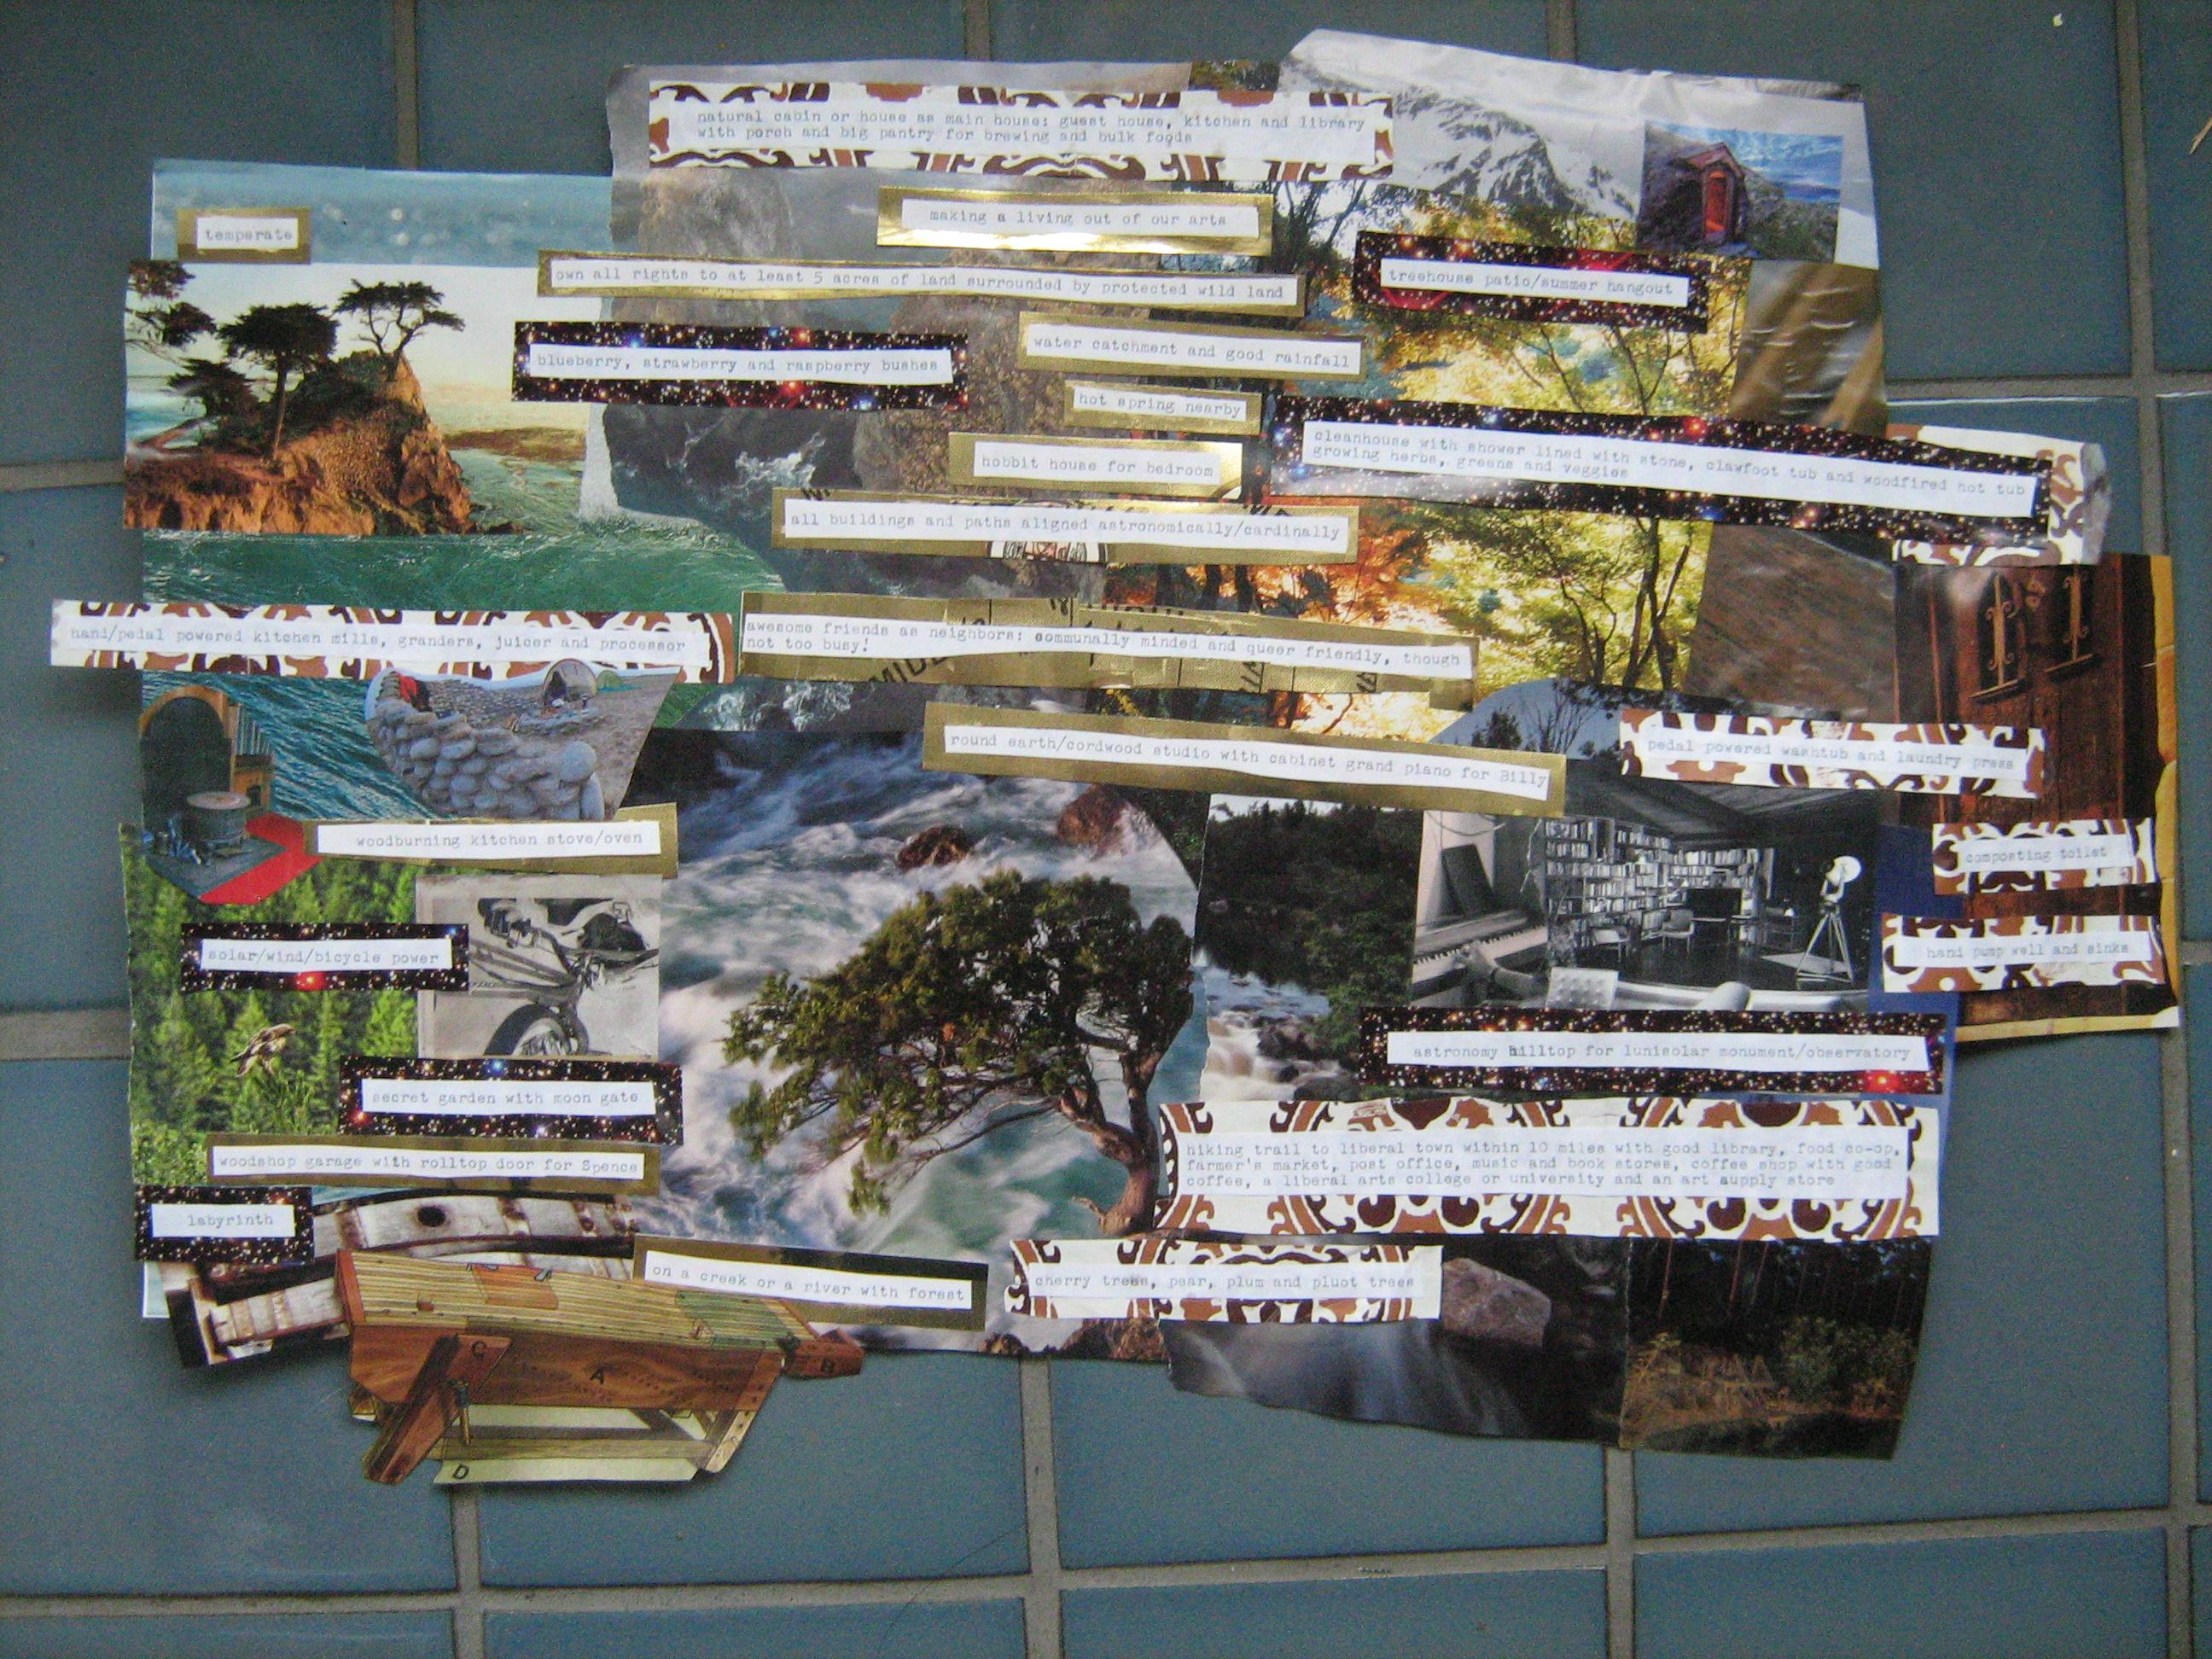 Manifesto Collage by Spencer Fisher and Billy von Raven